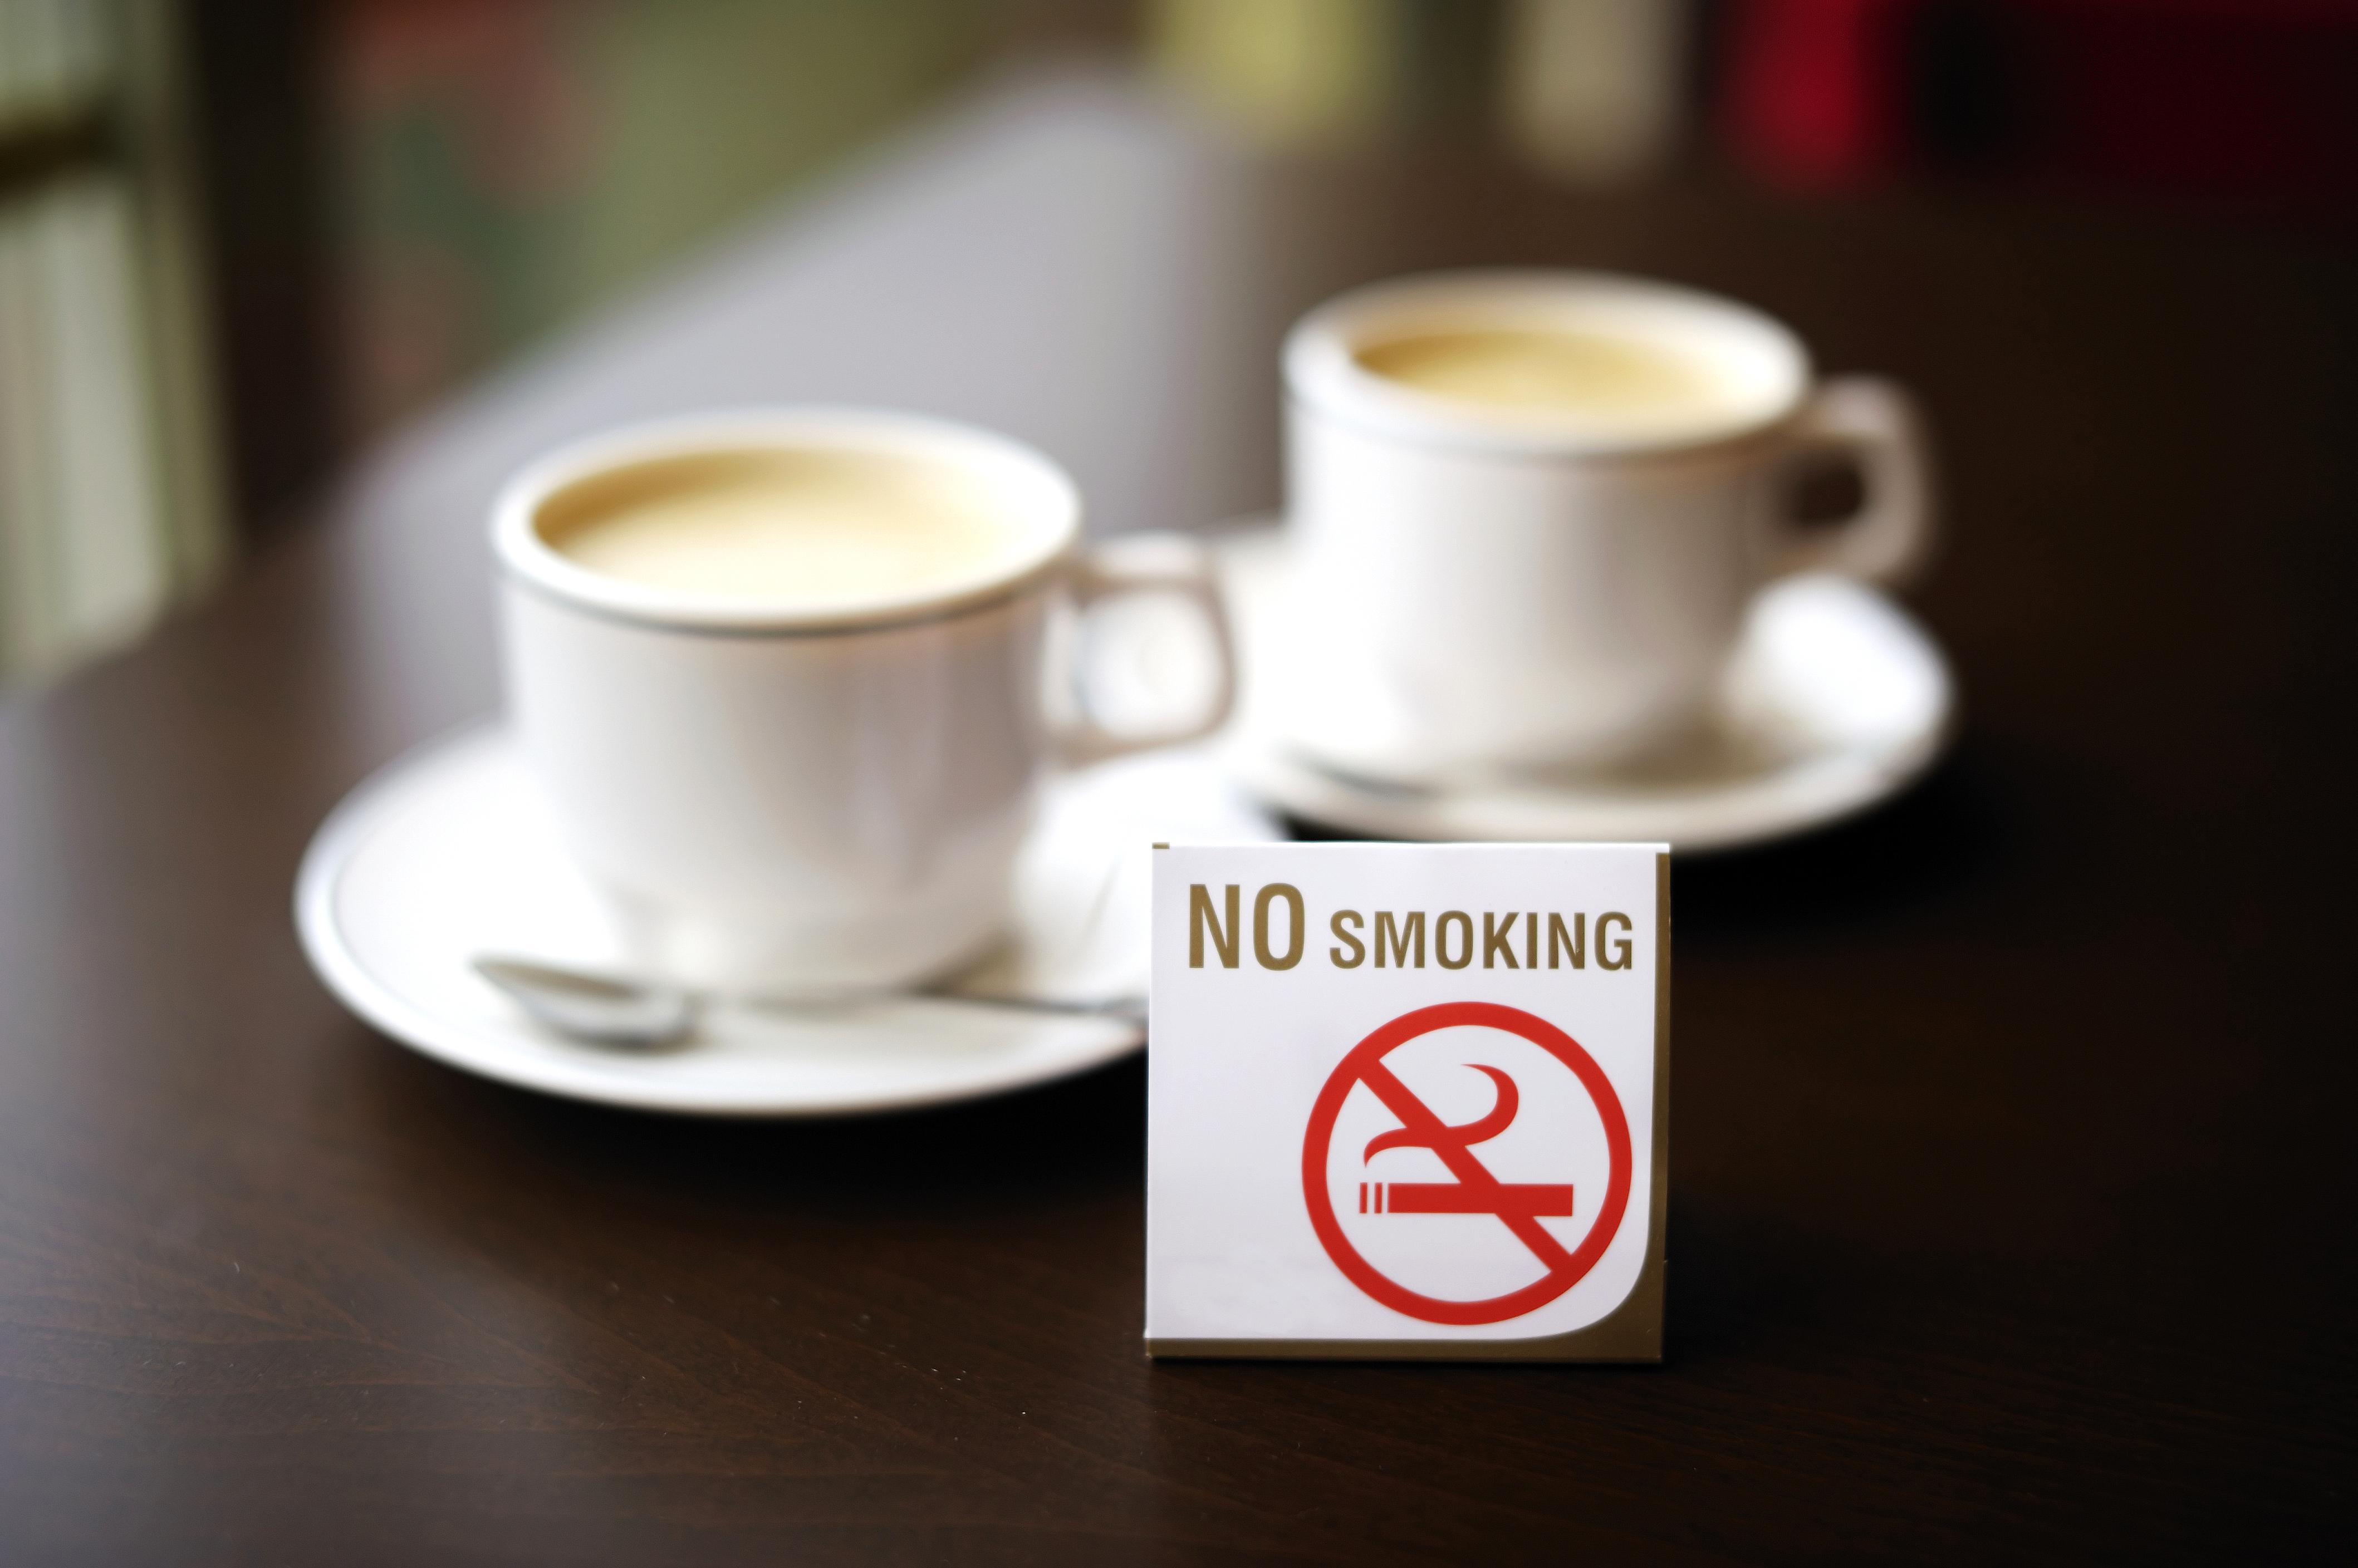 Serveringspersonalen själva fortfarande röker avsevärt mycket mer än andra.